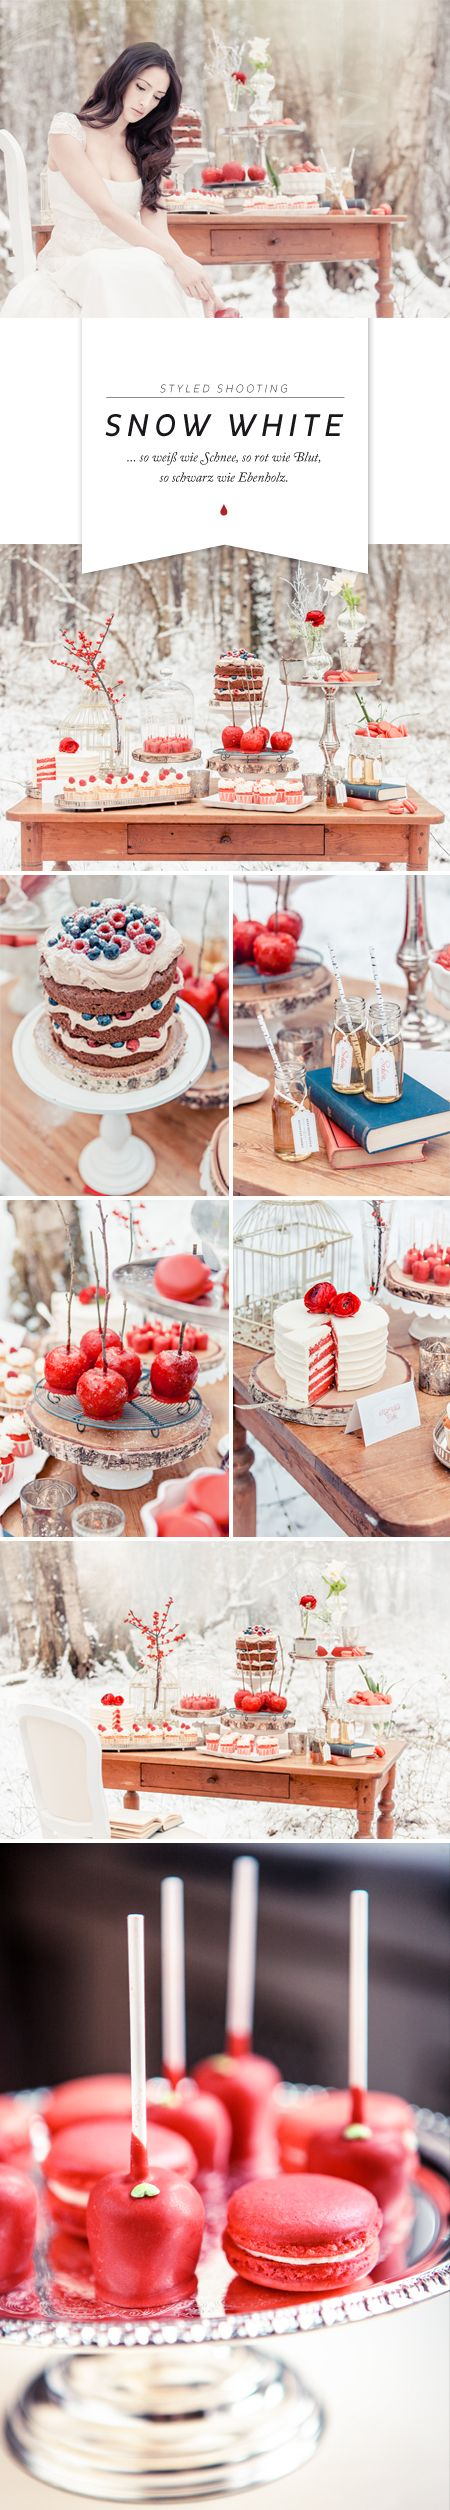 Zuckermonarchie Blog | Cupcakes & Fingerfood in Hamburg